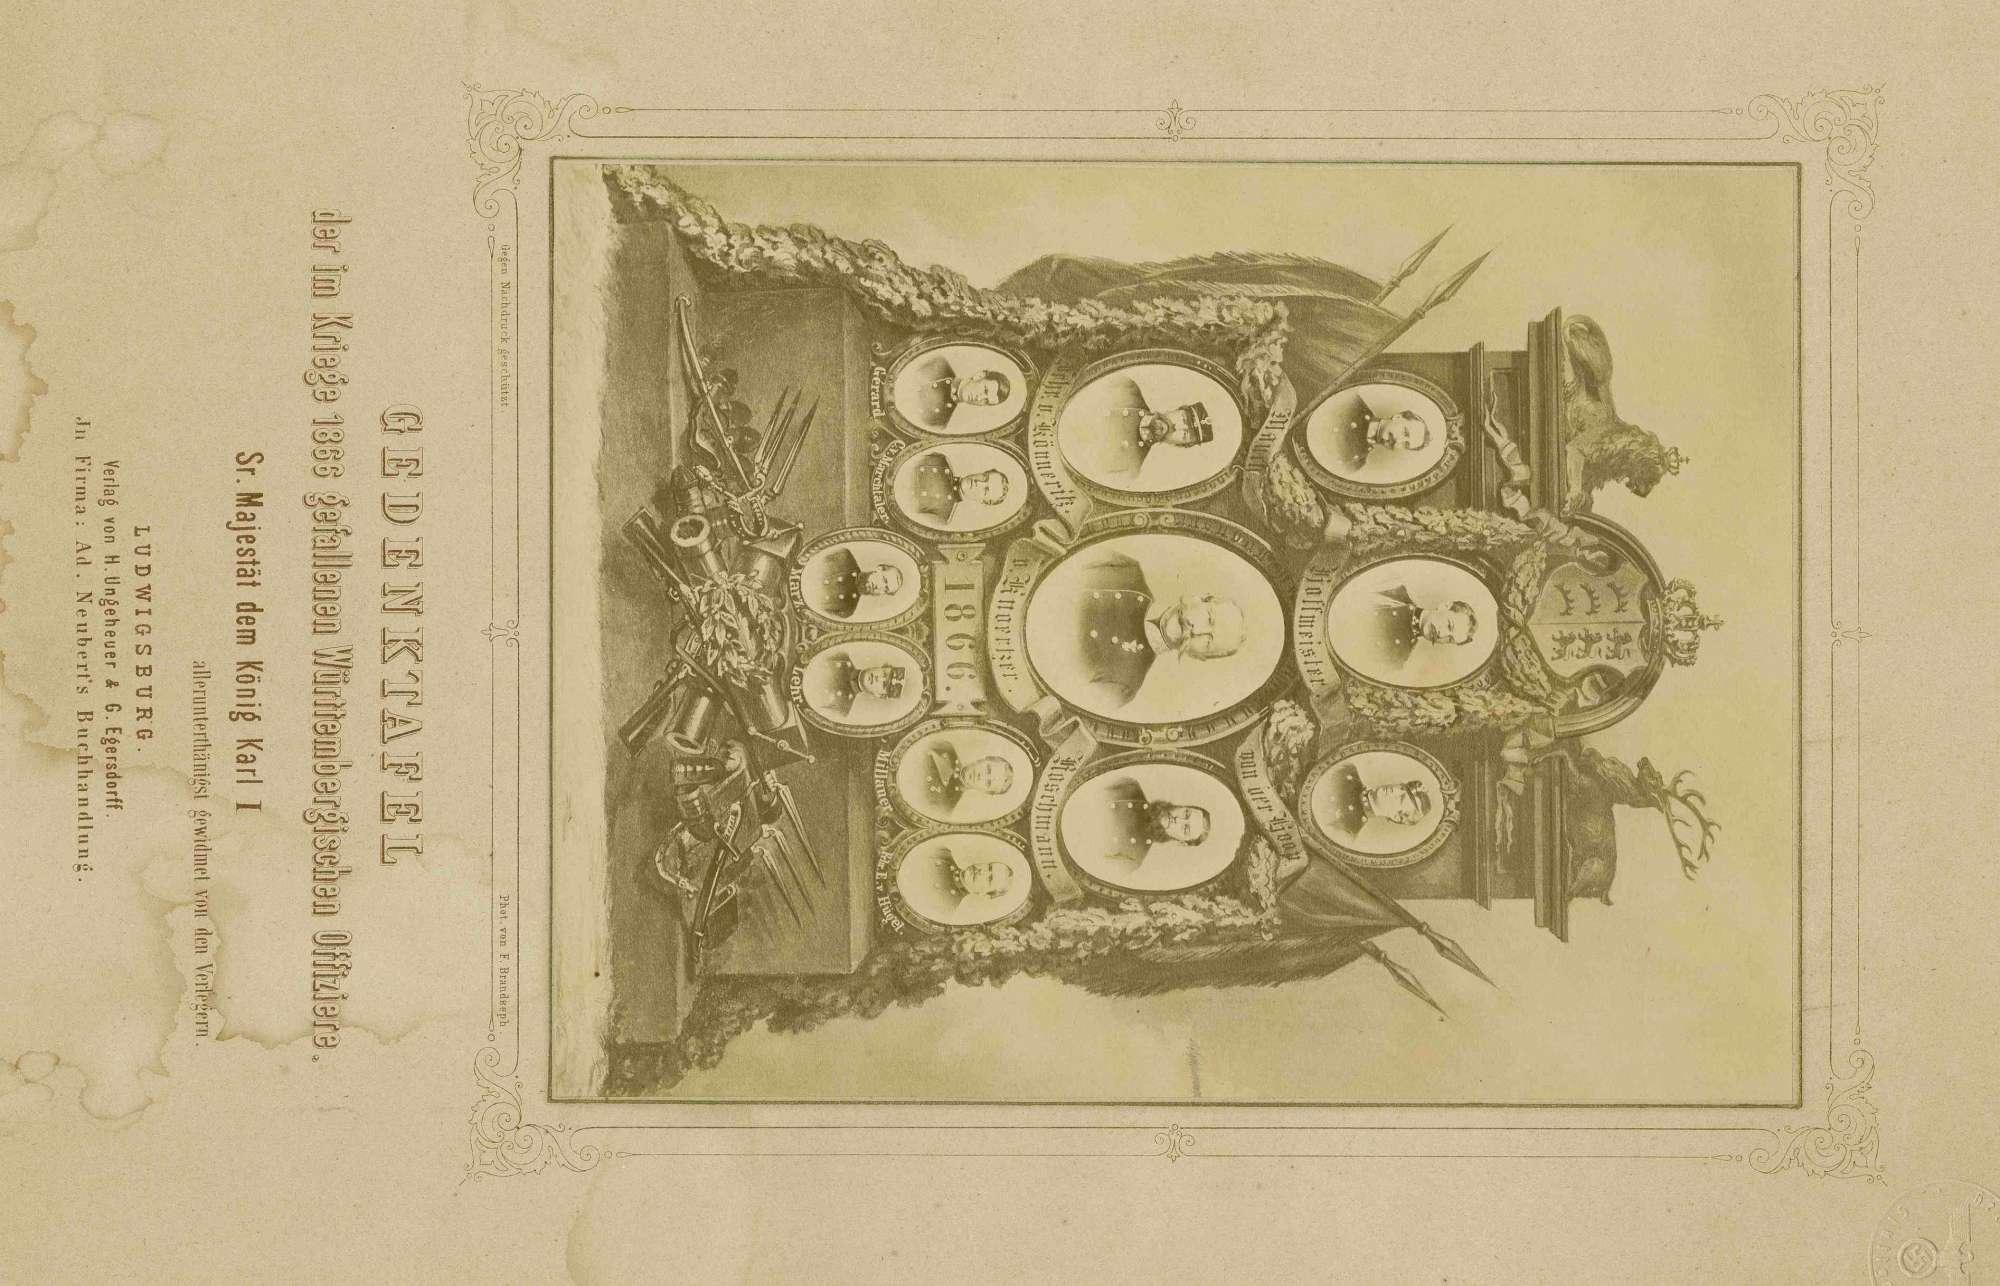 Gedenktafel der im österr.-süddeutschen Krieg gegen Preußen 1866 gefallenen württembergischen Offiziere, Brustbilder bzw. in Halbprofil, Bild 1